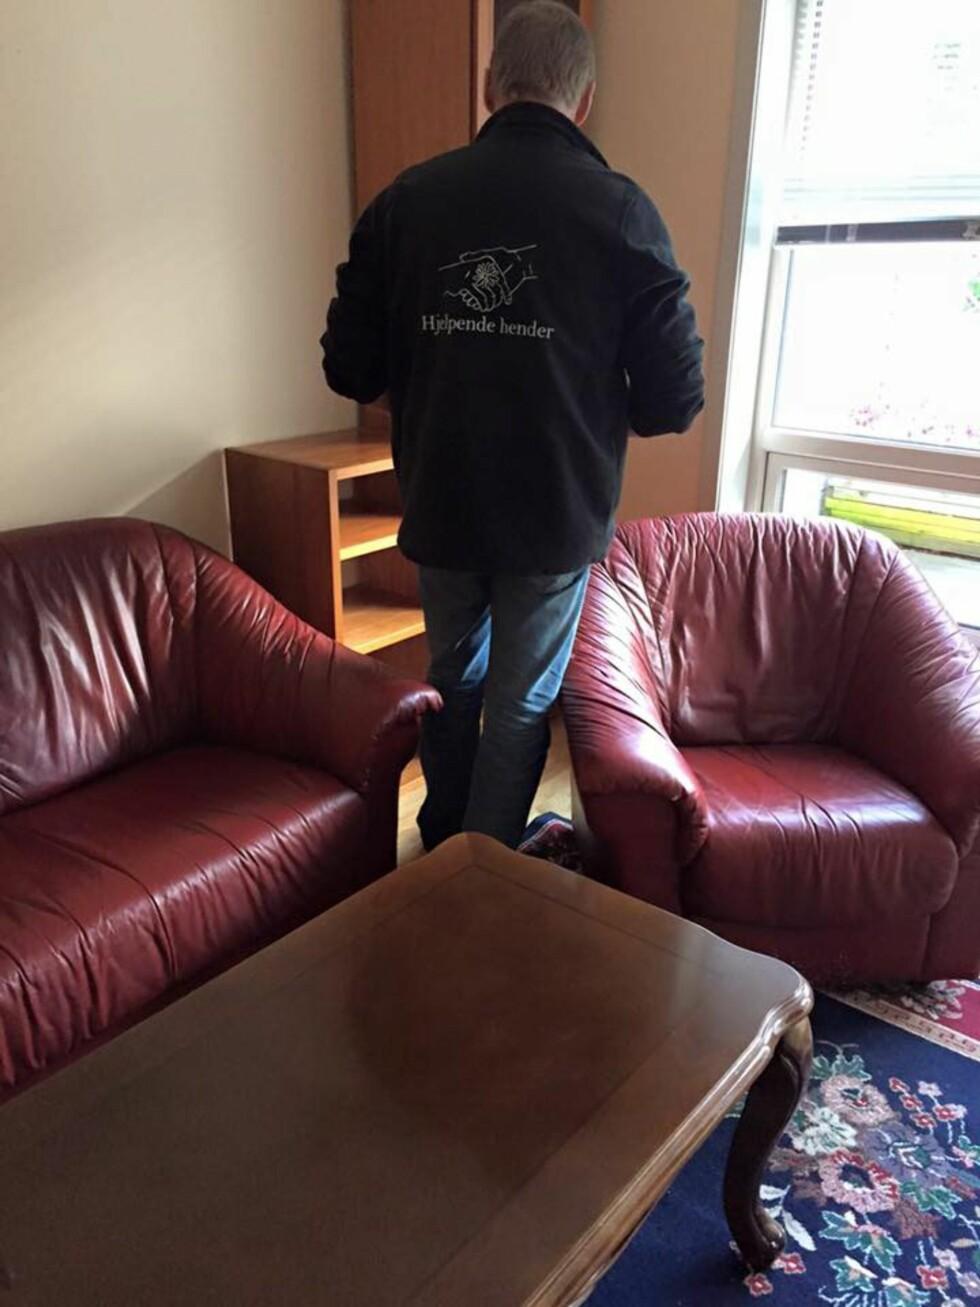 MØBEL-HJELP: Fra en av de mange leilighetene Ellen har hjulpet til med å skaffe møbler til.  Foto: PRIVAT